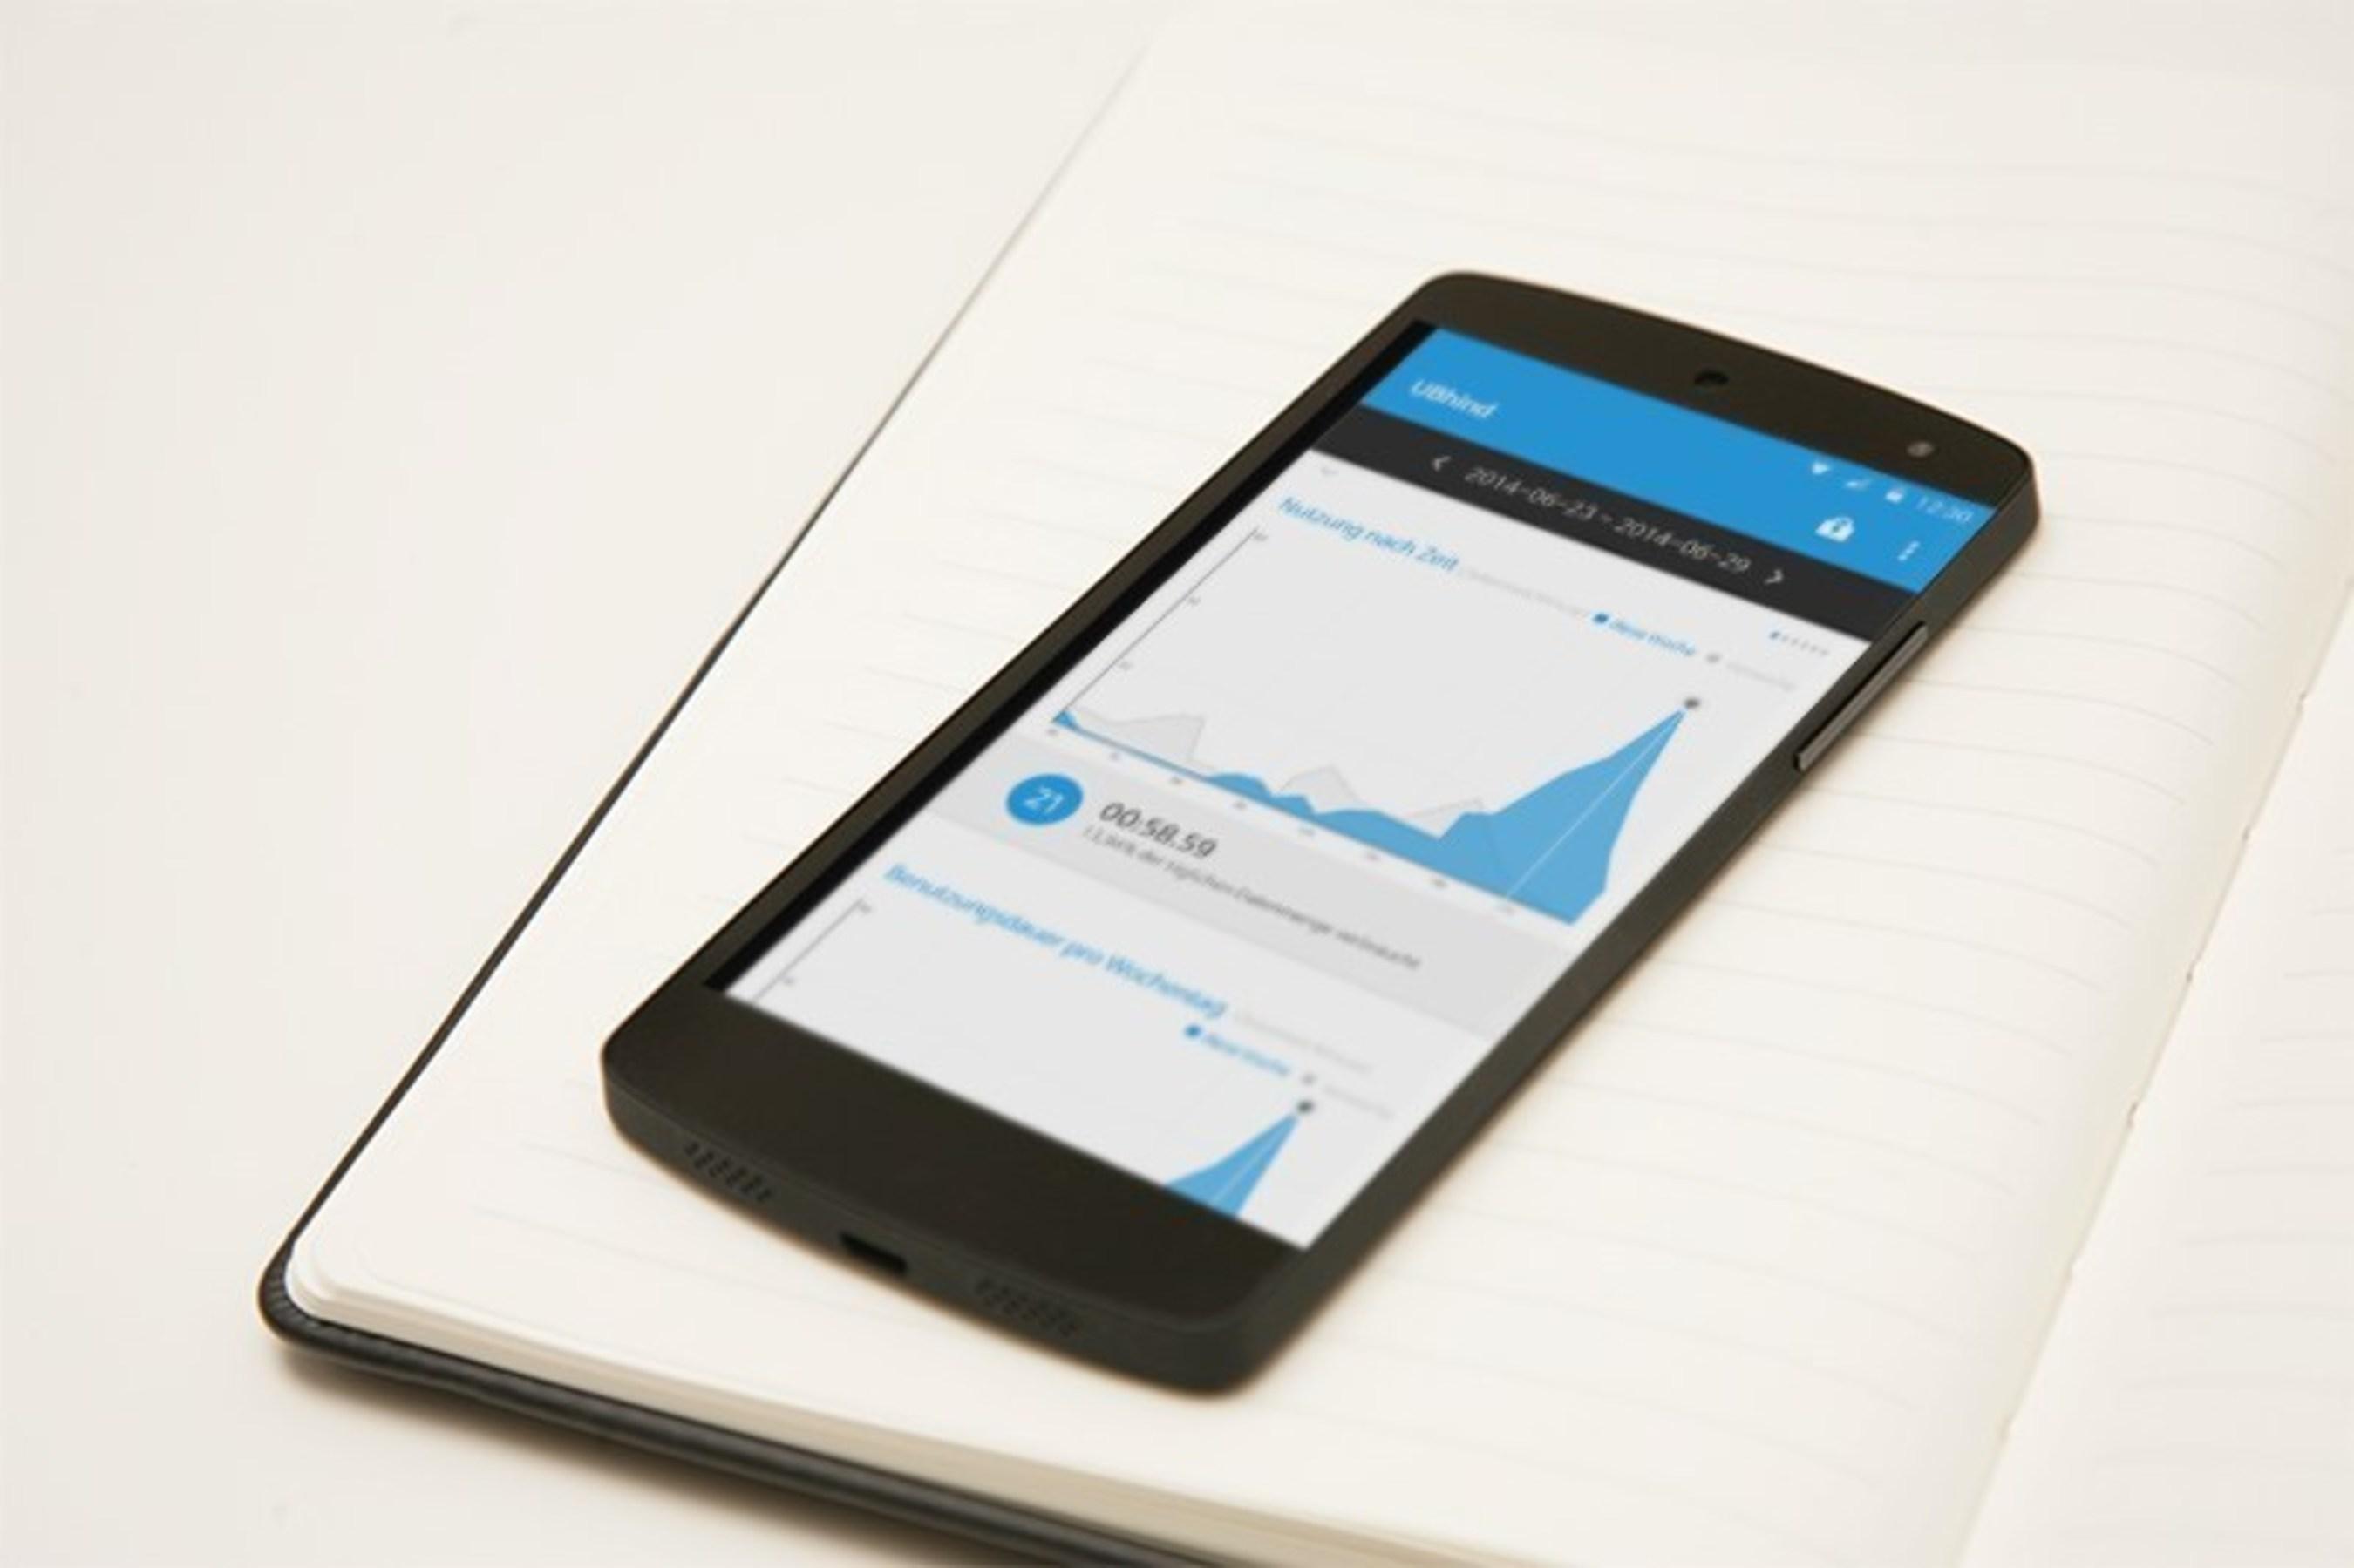 """App zur Vorbeugung gegen Smartphone-Abhängigkeit: """"UBhind - Mobile Life Pattern'"""